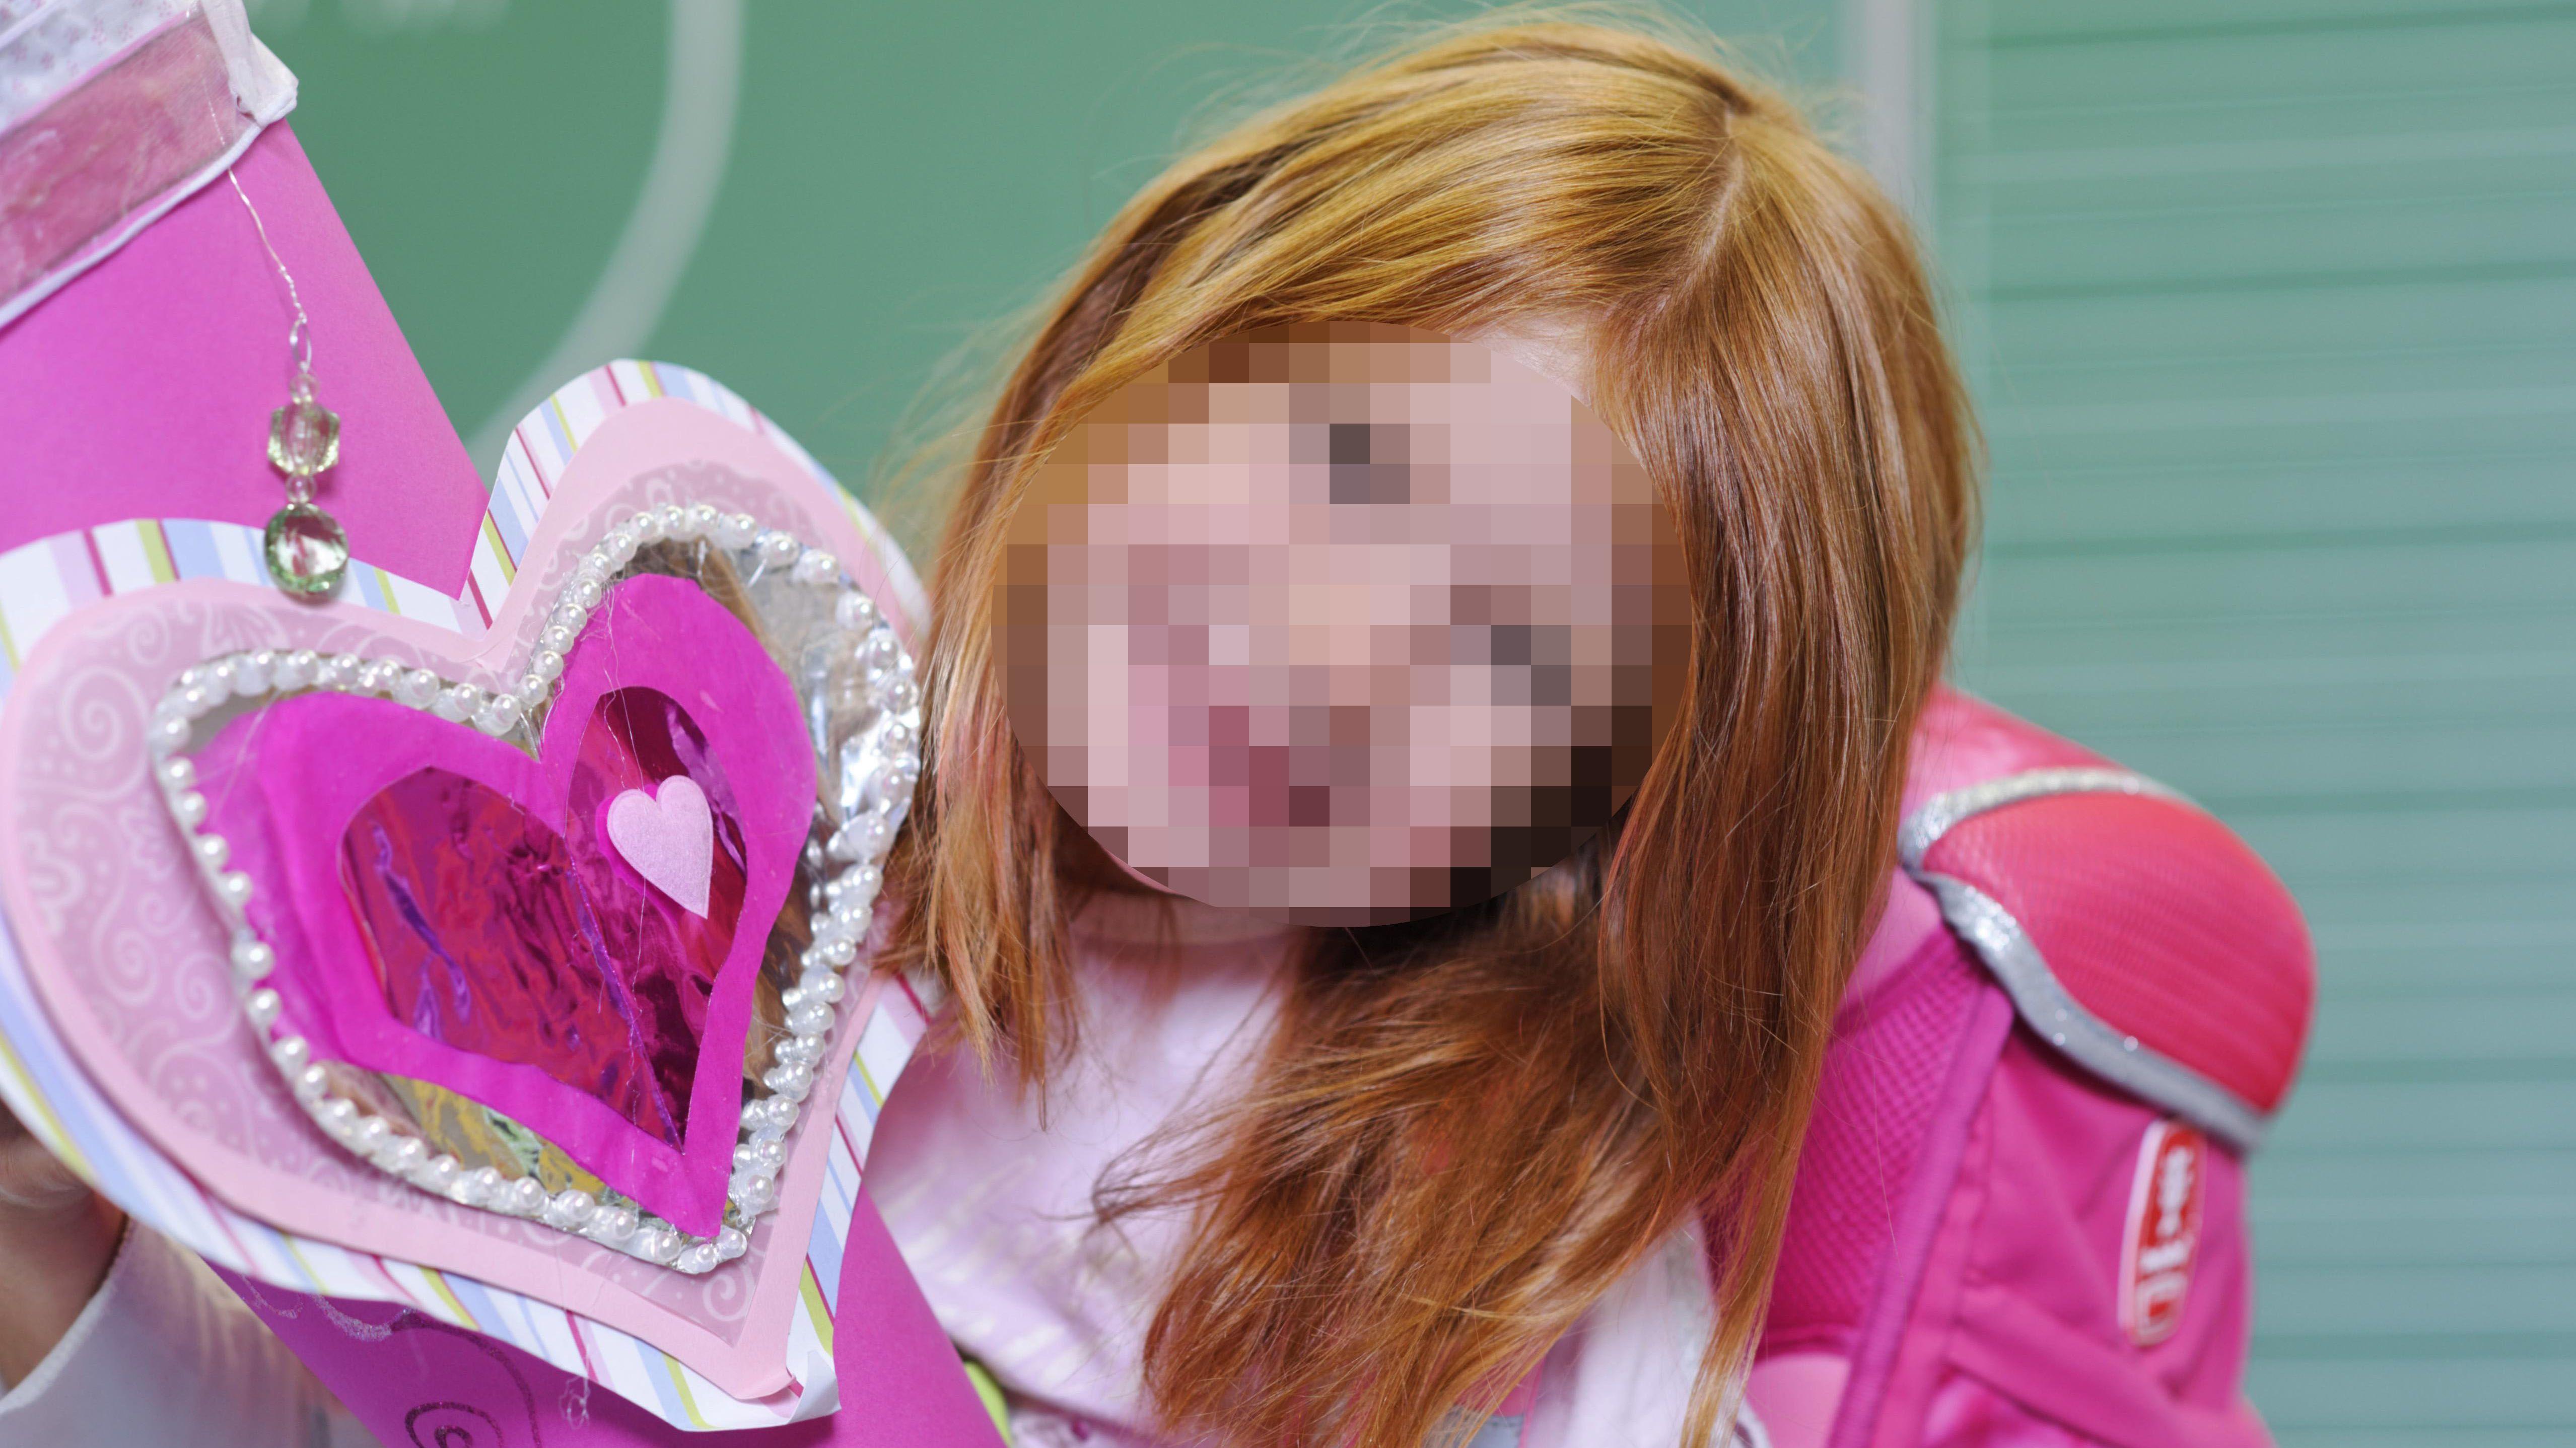 Mädchen an ihrem ersten Schultag - mit verpixeltem Gesicht